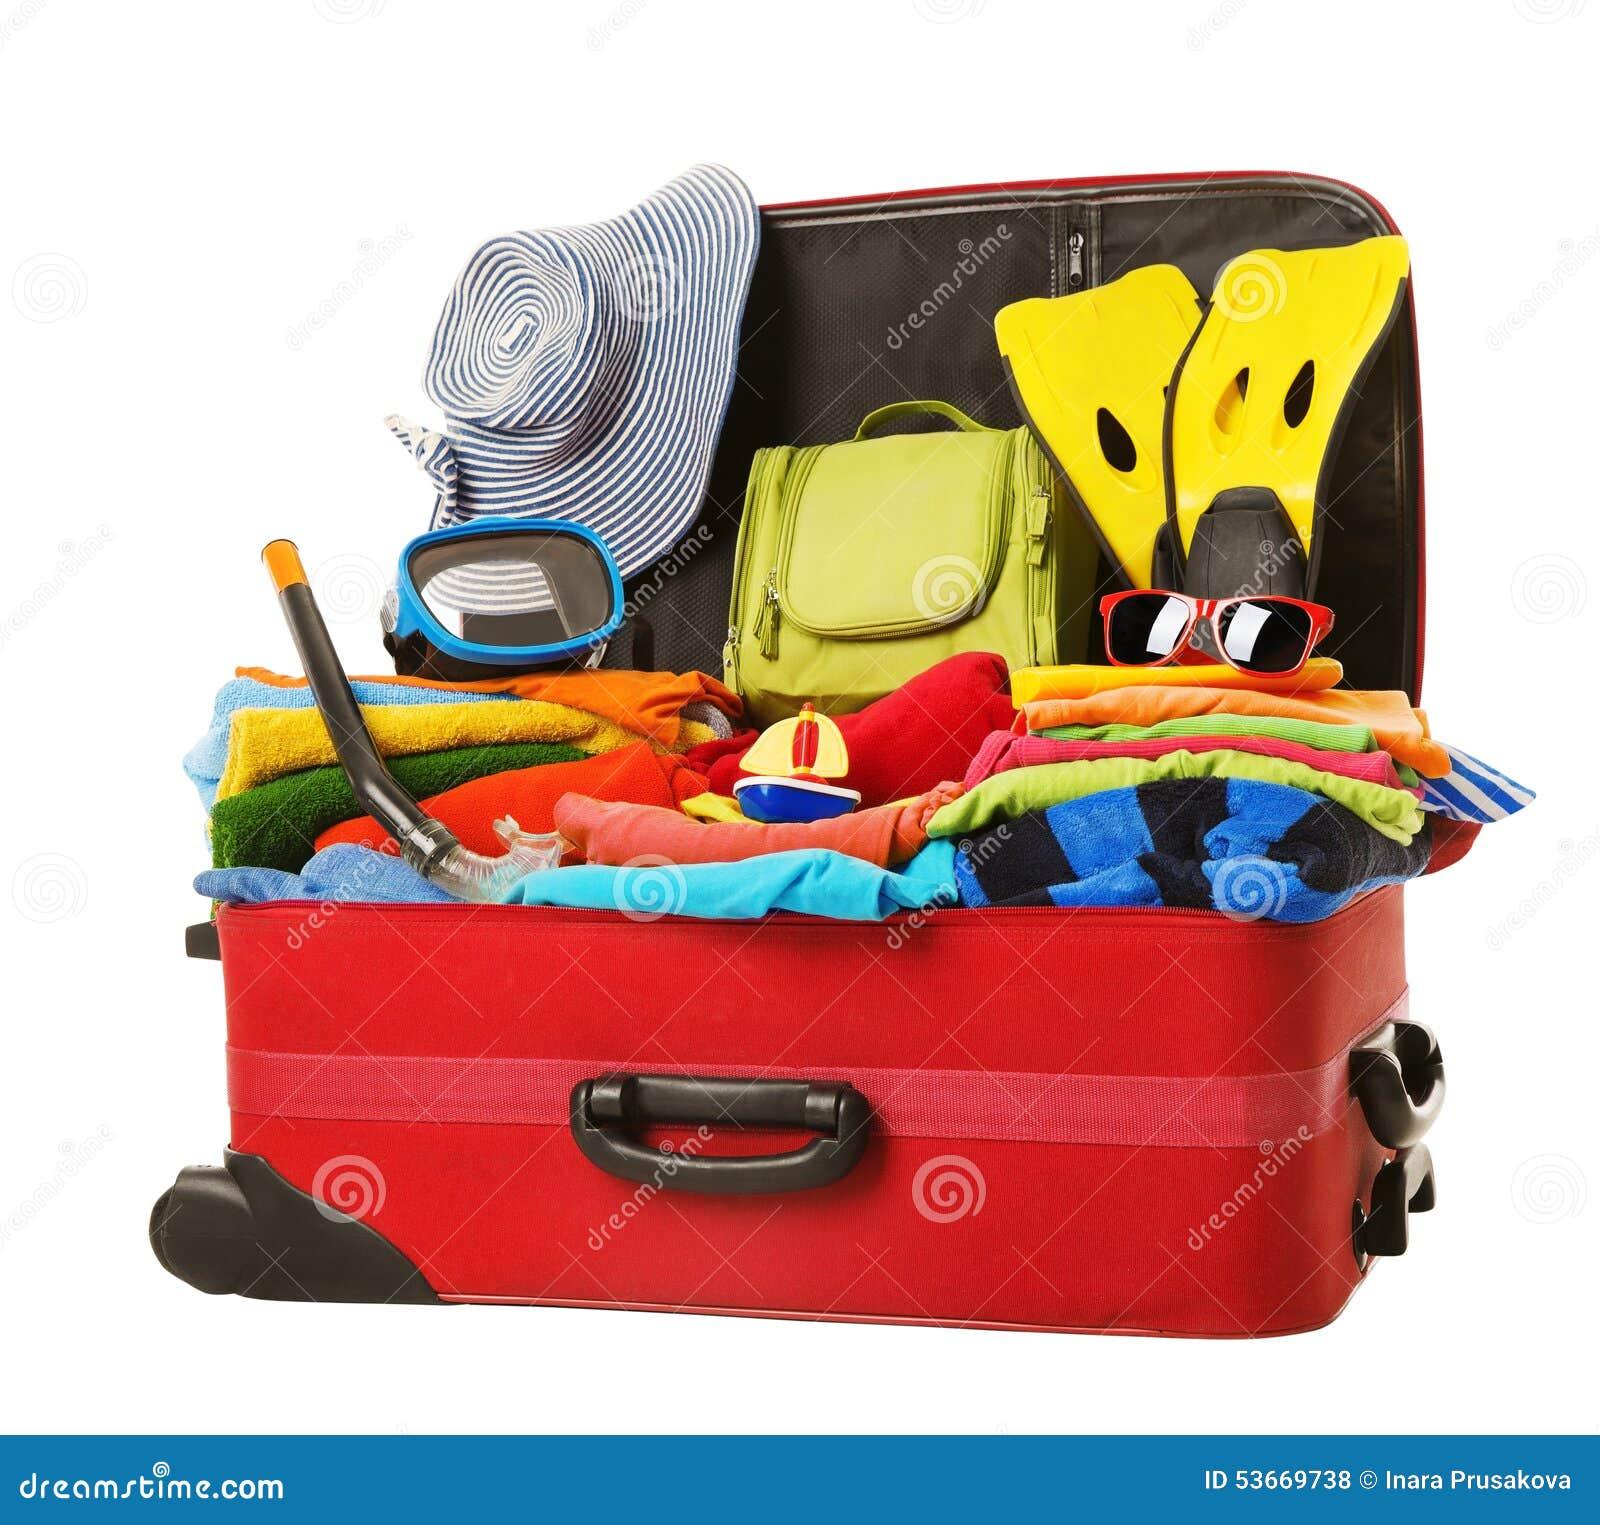 https://thumbs.dreamstime.com/z/valise-emball%C3%A9e-aux-vacances-bagage-rouge-ouvert-compl%C3%A8tement-de-v%C3%AAtements-53669738.jpg